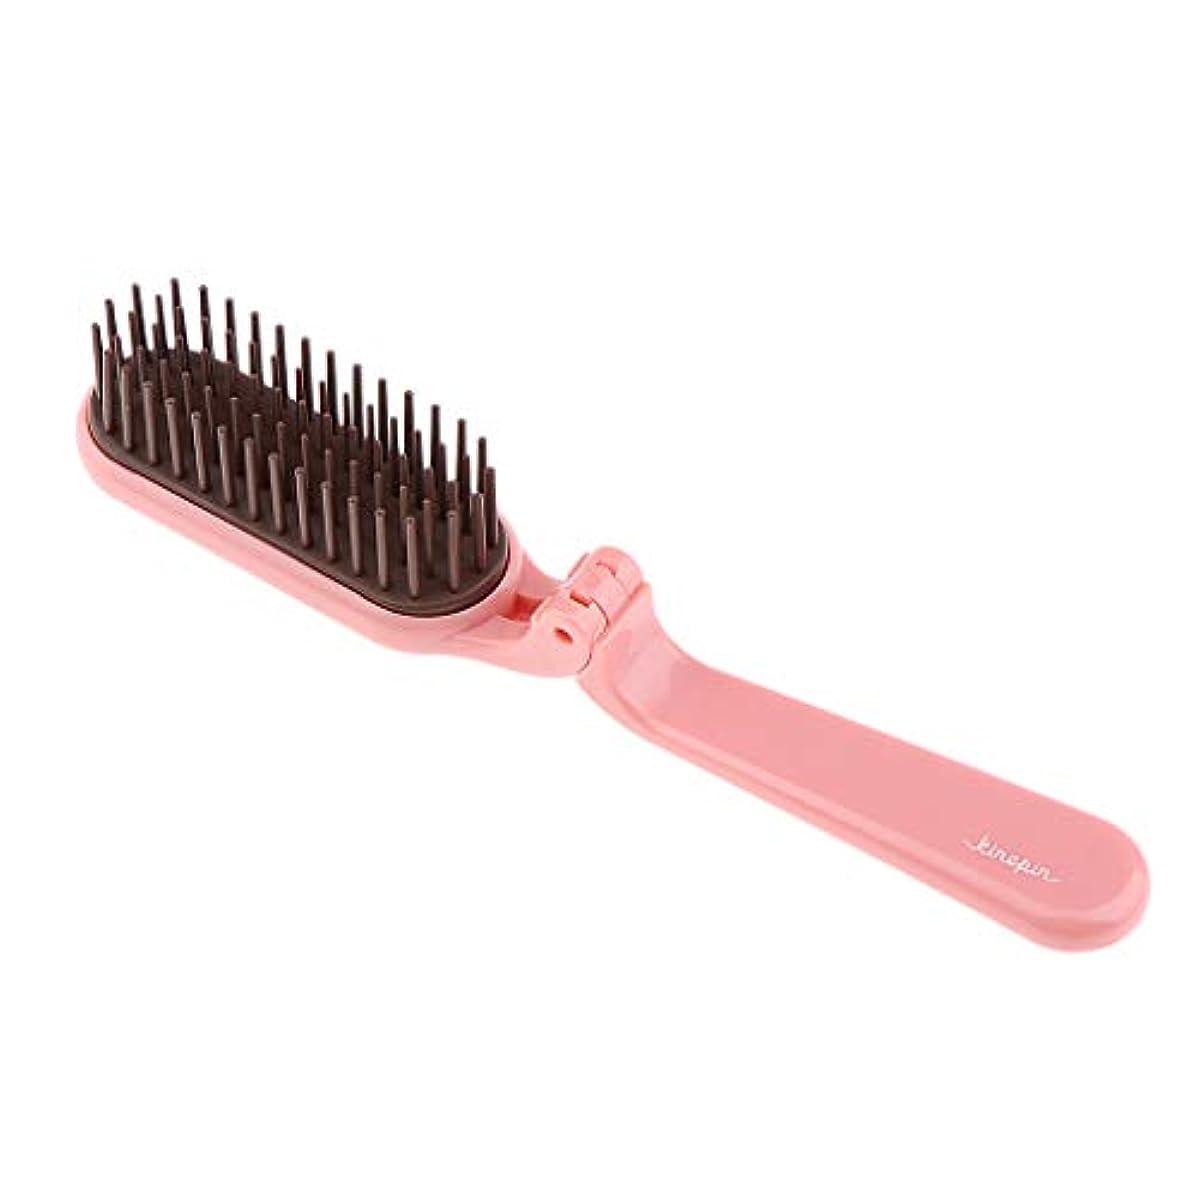 Sharplace ヘアコーム 折りたたみ ヘアブラシ 櫛 コーム ヘアスタイリング 静電気防止 2色選べ - ピンク